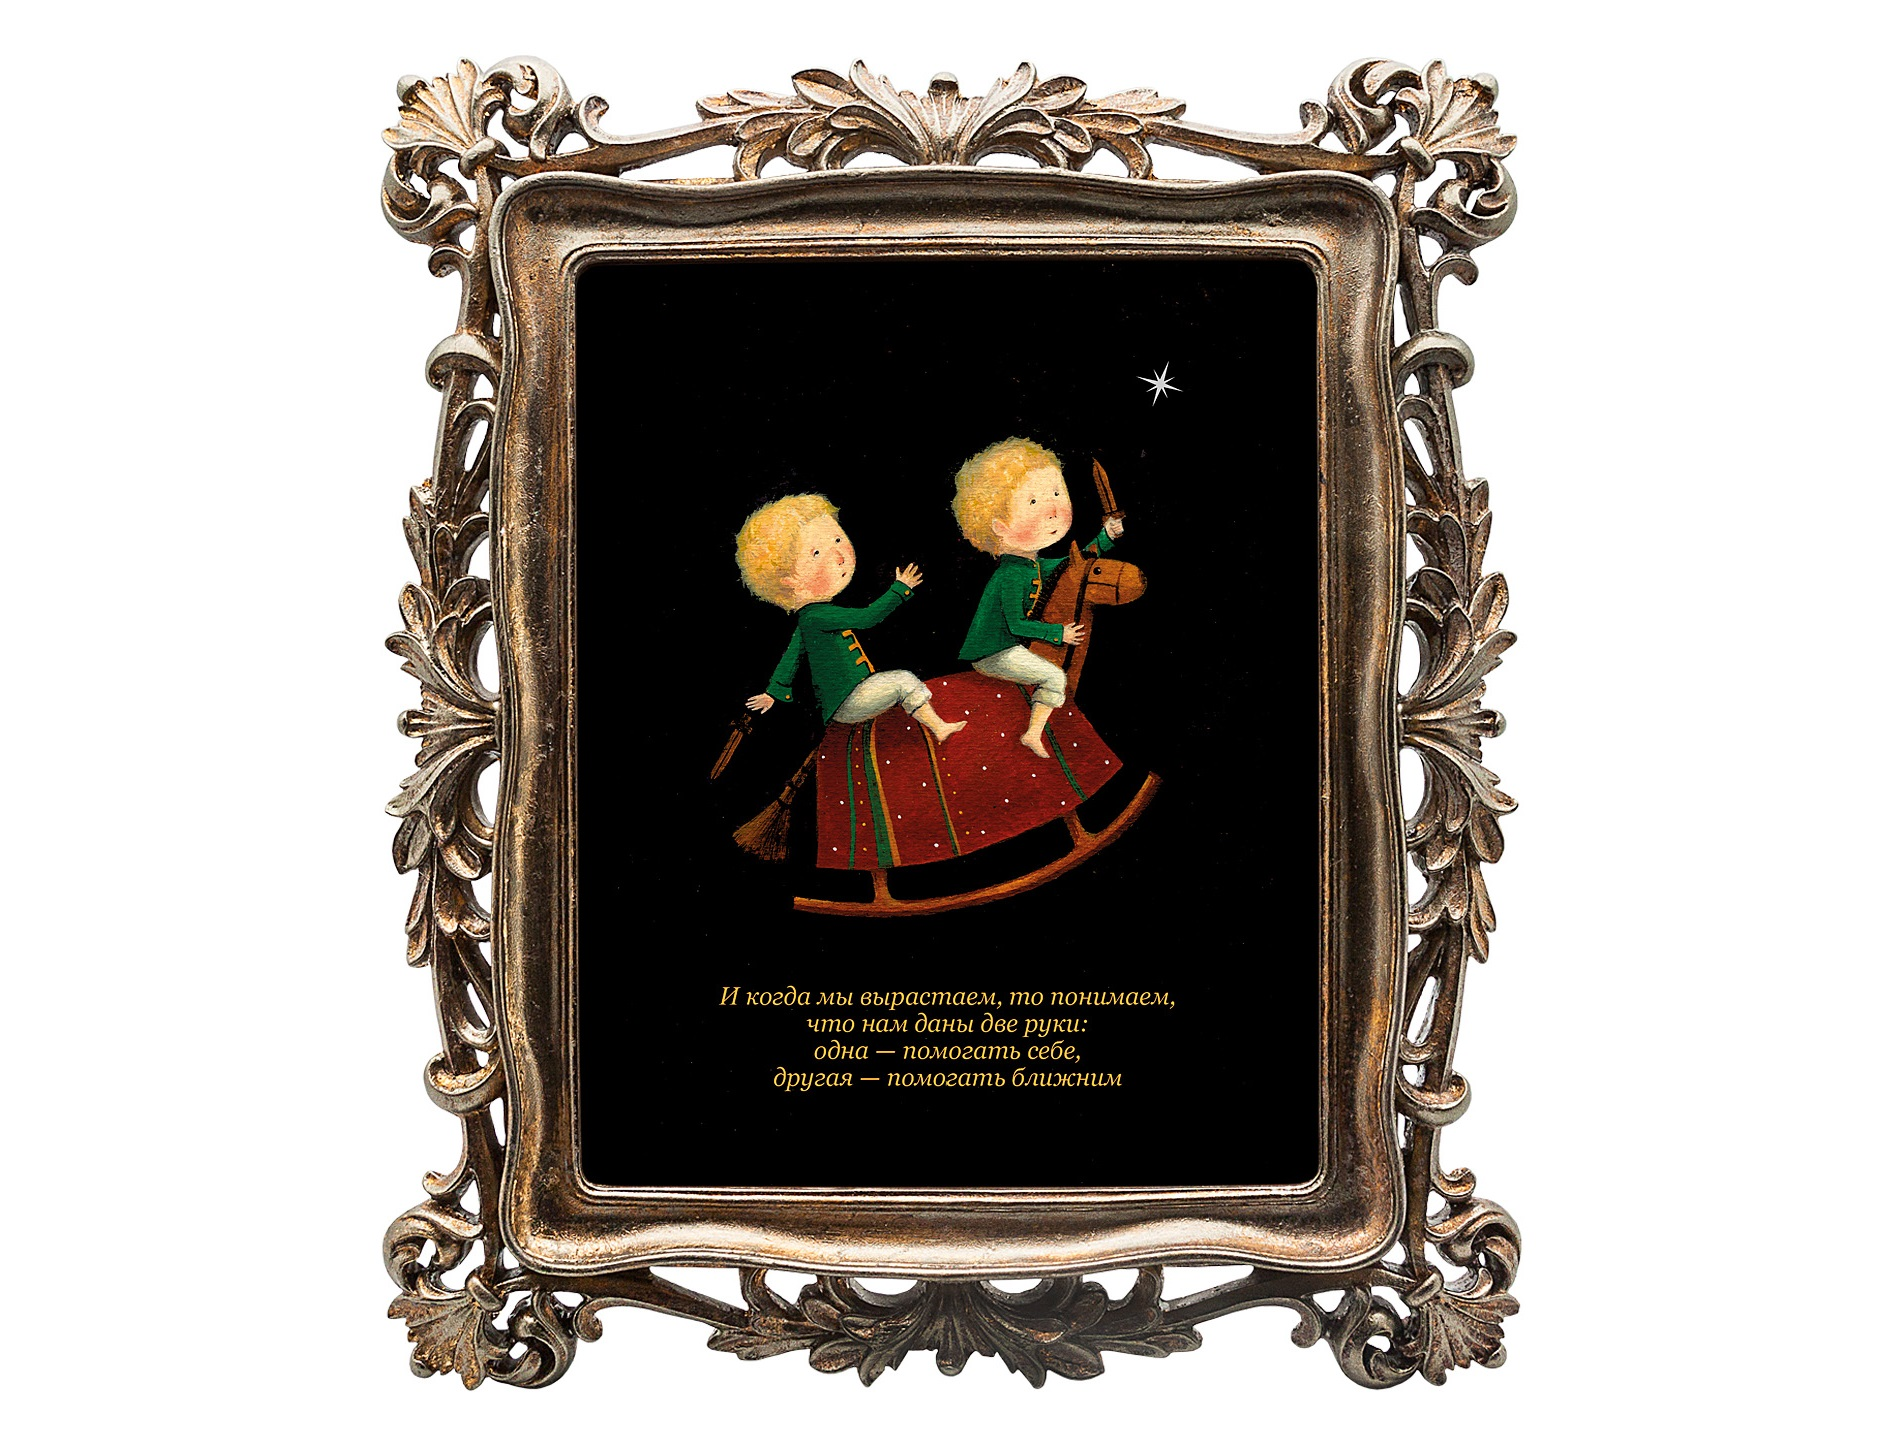 Картина 12 рецептов счастья (Близнецы)Картины<br>Картина из коллекции «12 рецептов счастья» «И когда мы вырастаем, то понимаем, что нам даны две руки: одна — помогать себе, другая — помогать ближним» олицетворяет собой знак зодиака Близнецы, преподнося нам уникальное пожелание.  Картину можно повесить на стену, либо поставить, например, на стол или камин. Защитный стеклянный слой  гарантирует долгую жизнь прекрасному изображению. Рама изготовлена из полистоуна. Искусная техника состаривания придает раме особую теплоту и винтажность.<br><br>&amp;lt;div&amp;gt;&amp;lt;br&amp;gt;&amp;lt;/div&amp;gt;&amp;lt;div&amp;gt;Материал: полистоун, стекло, дизайнерская бумага.&amp;lt;br&amp;gt;&amp;lt;/div&amp;gt;<br><br>Material: Полистоун